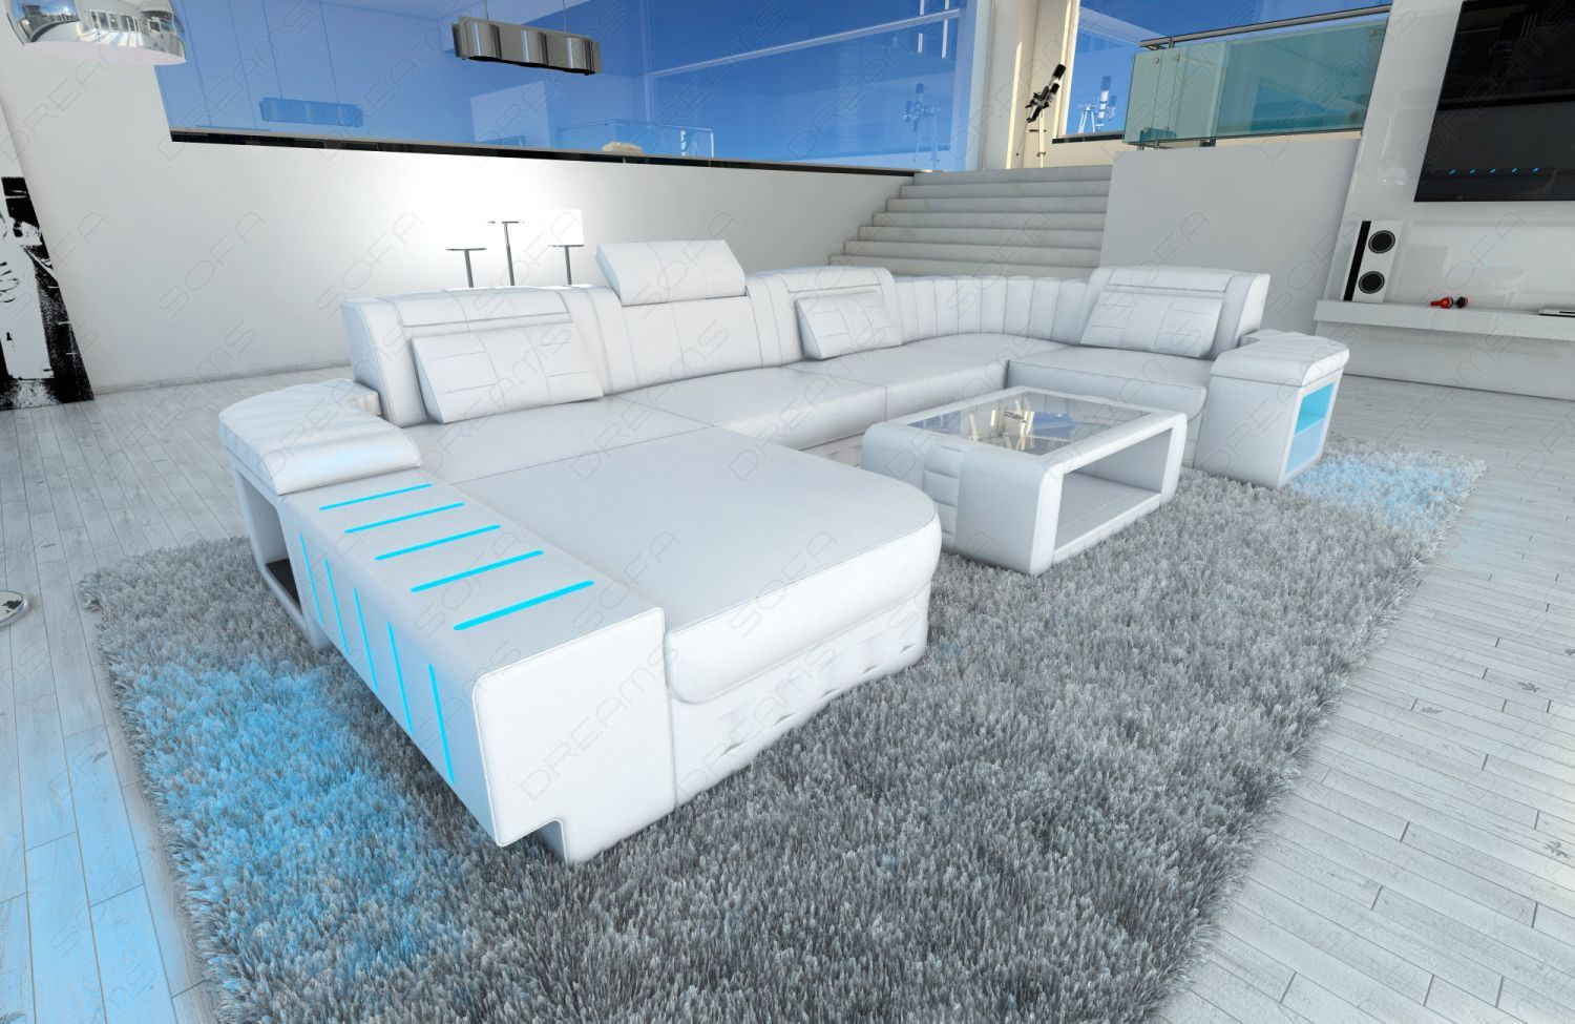 sofagarnitur bellagio u form xl couch komplett weiss moderne wohnlandschaft ebay. Black Bedroom Furniture Sets. Home Design Ideas